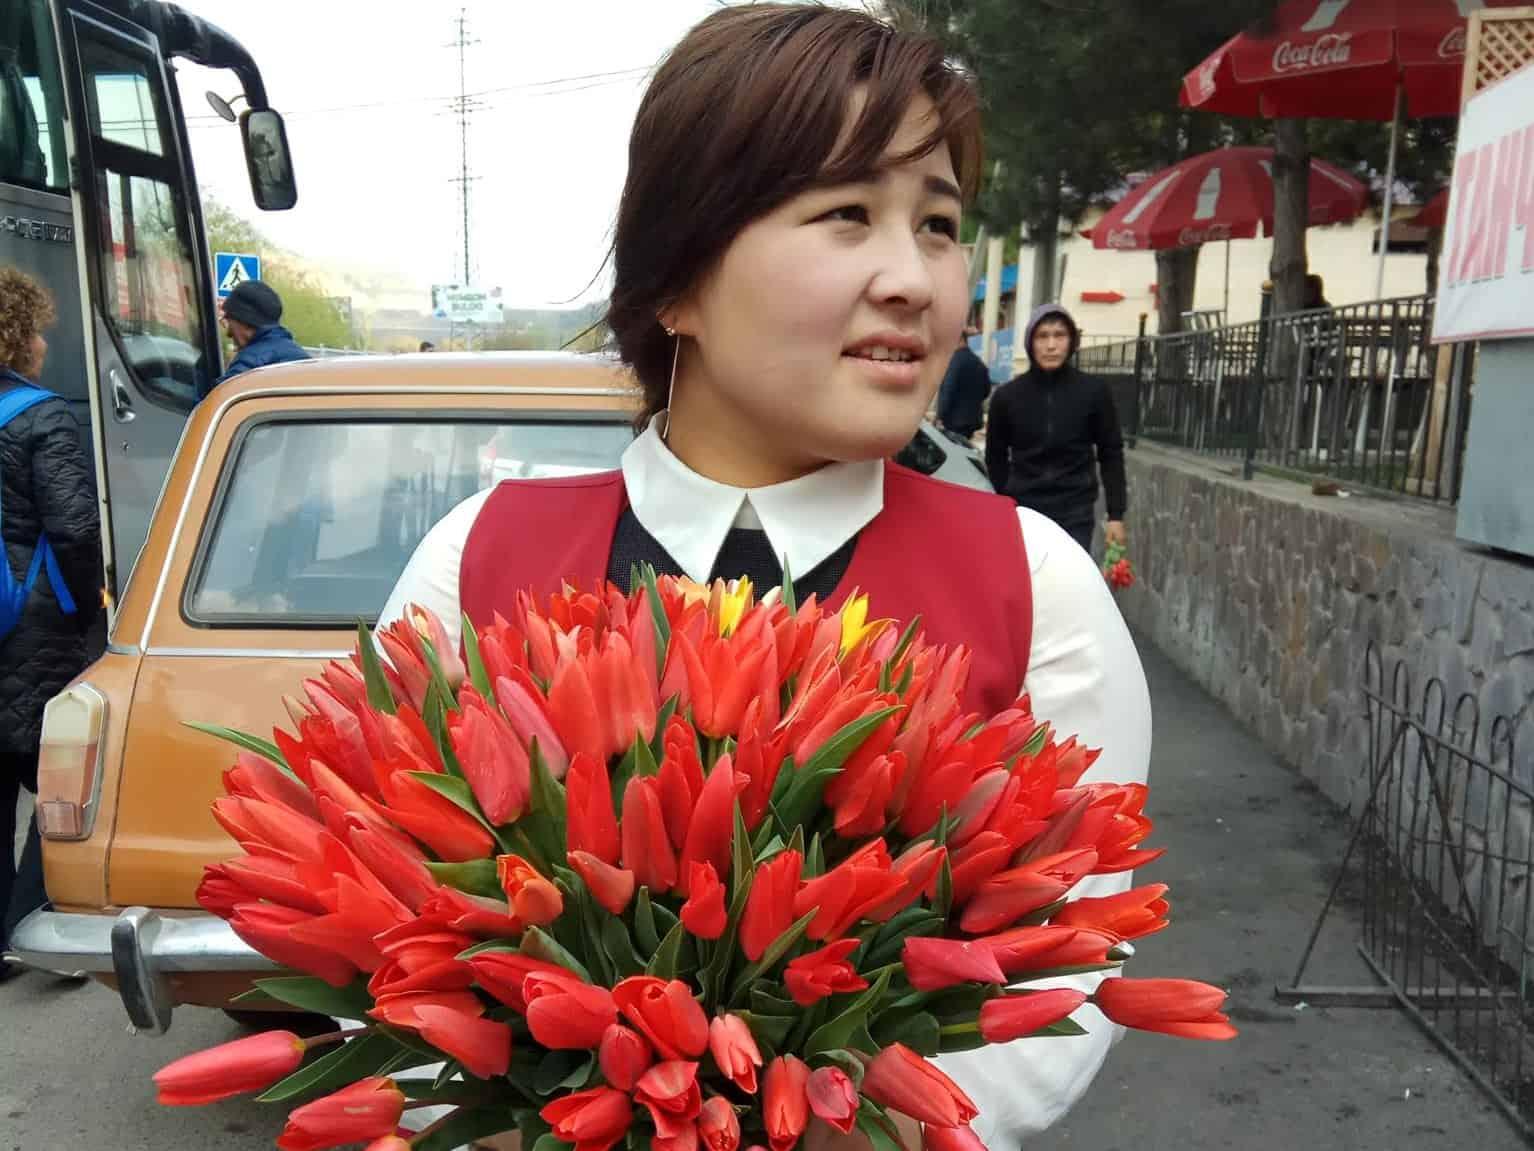 אשה מוכרת צבעונים, בדרך להרי צ'ימגאן, אוזבקיסטן